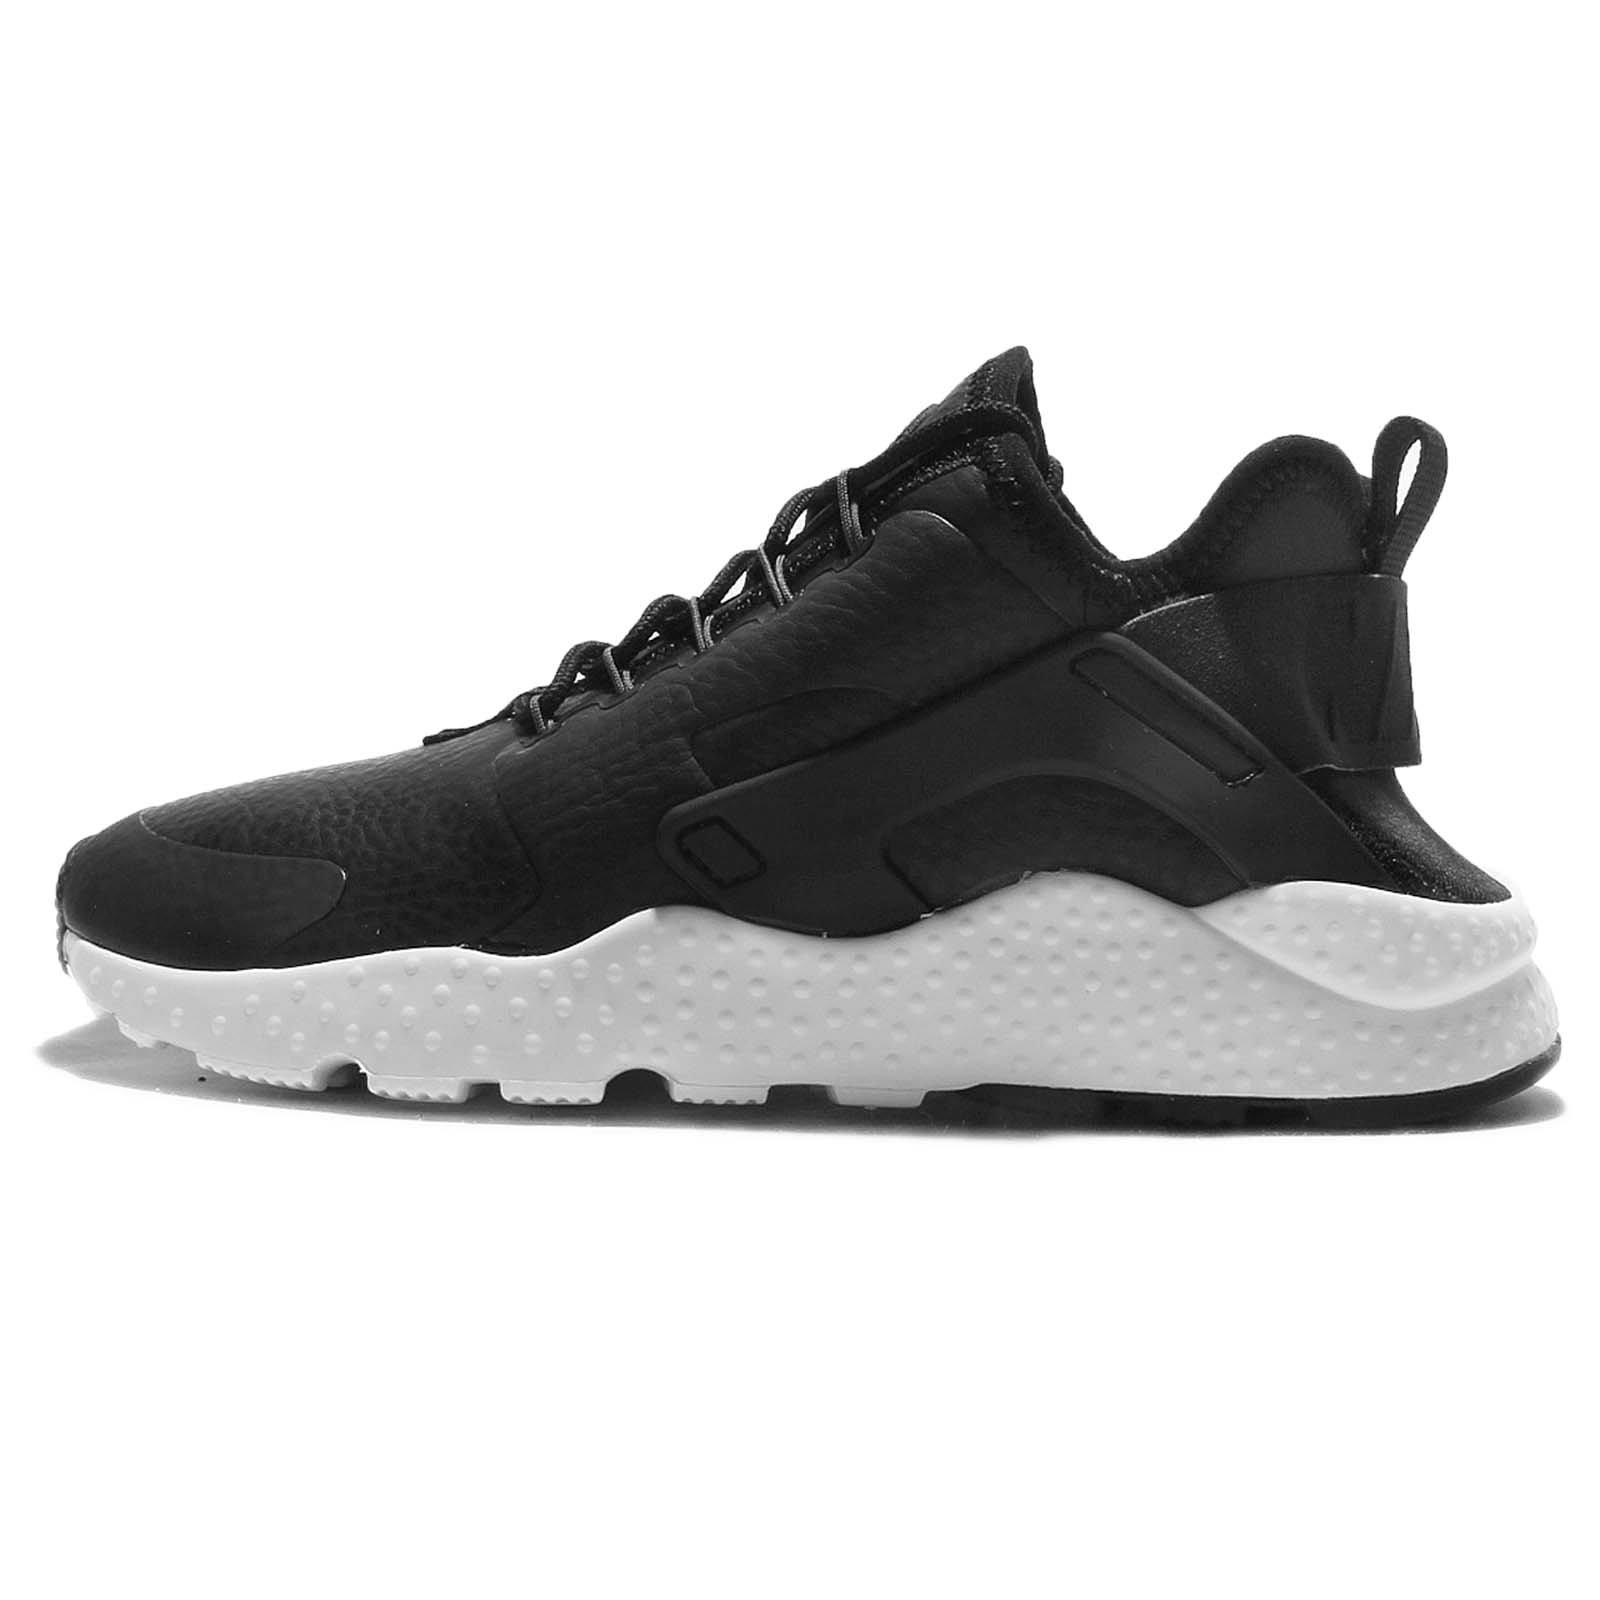 Nike WMNS Air Huarache Run Ultra Premium 859511 001 Black Leather White Gym Shoe